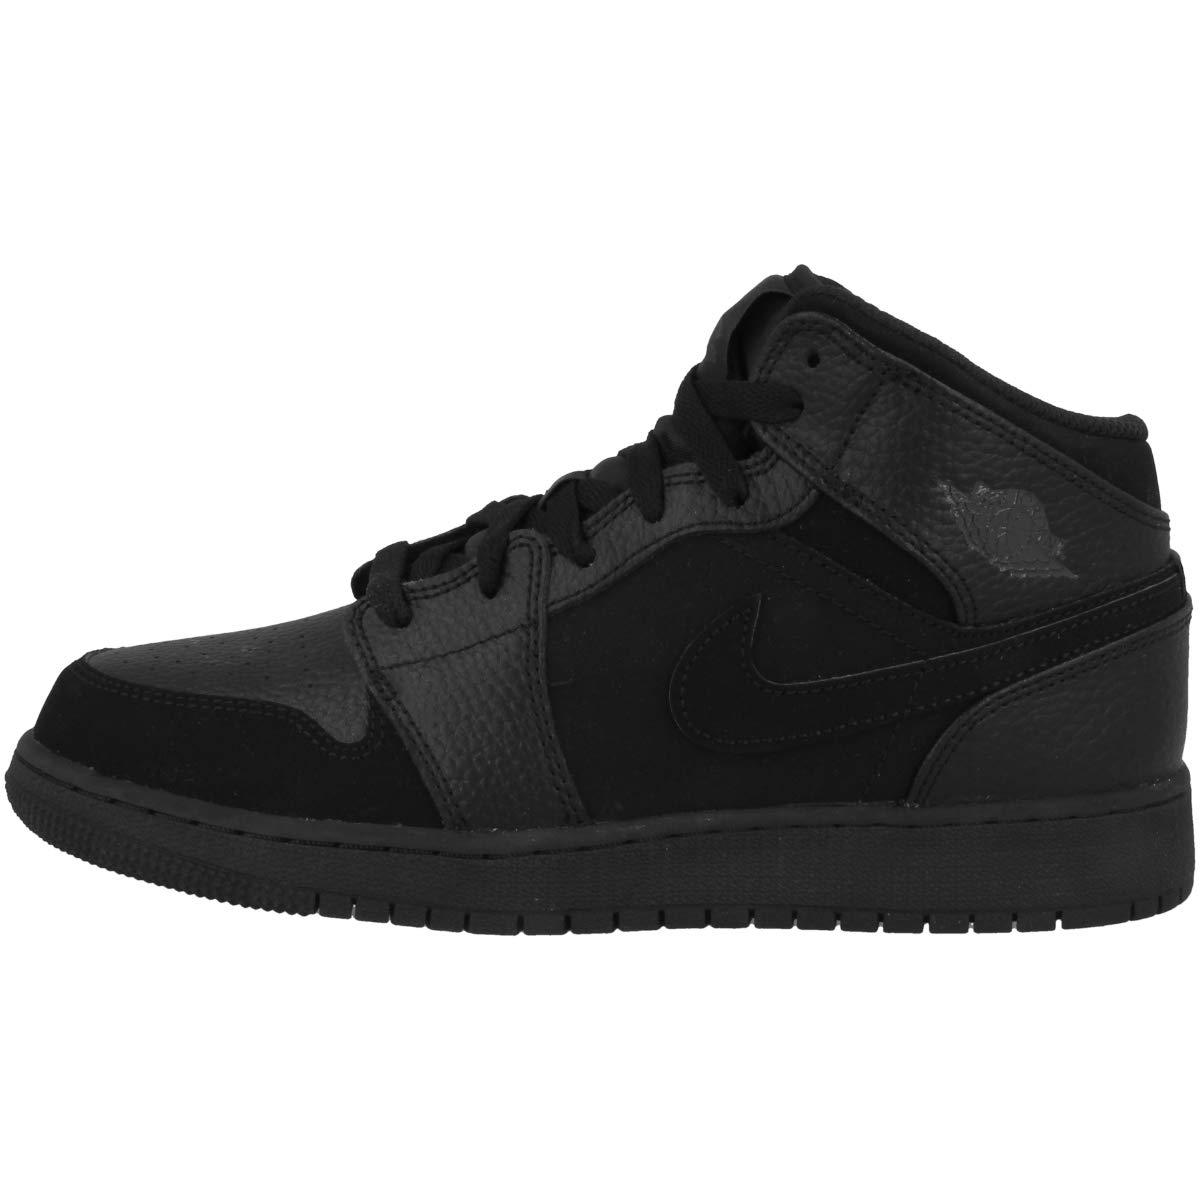 Mehrfarbig (schwarz Dk Smoke grau schwarz 064) Nike Herren Air Jordan 1 Mid (Gs) Fitnessschuhe, schwarz, Dark Concord-Weiß